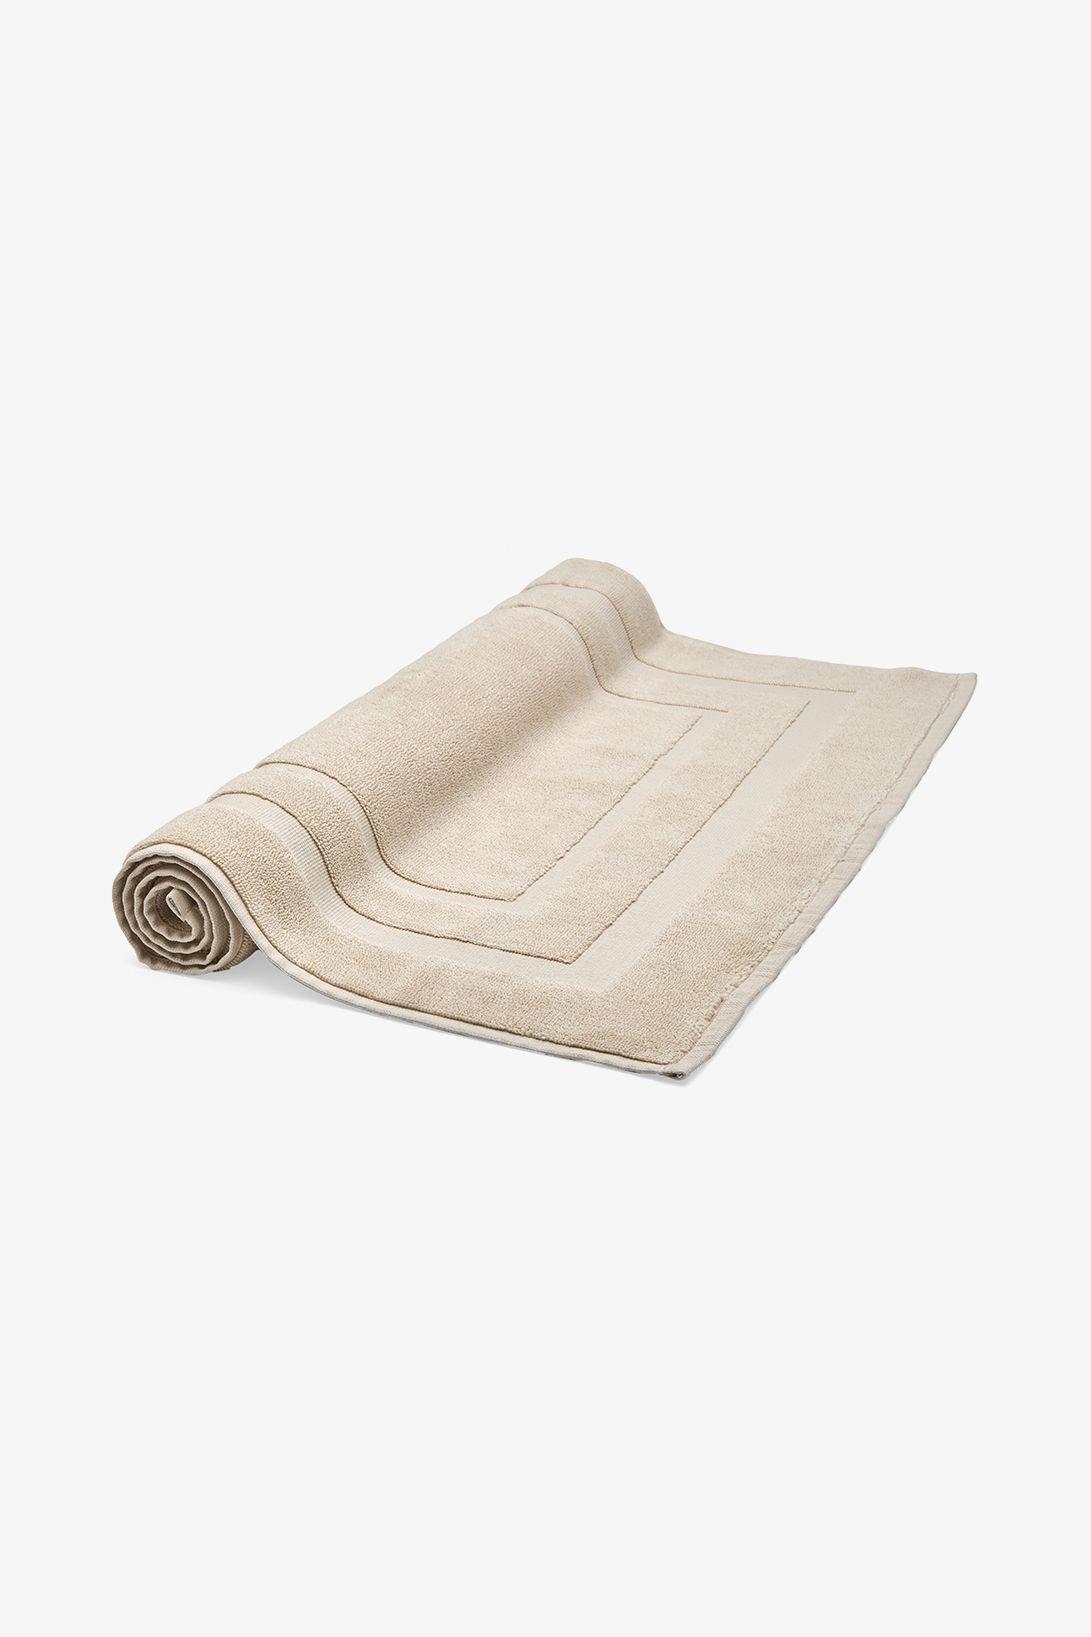 Water Works Perennial Bath Mat in Linen